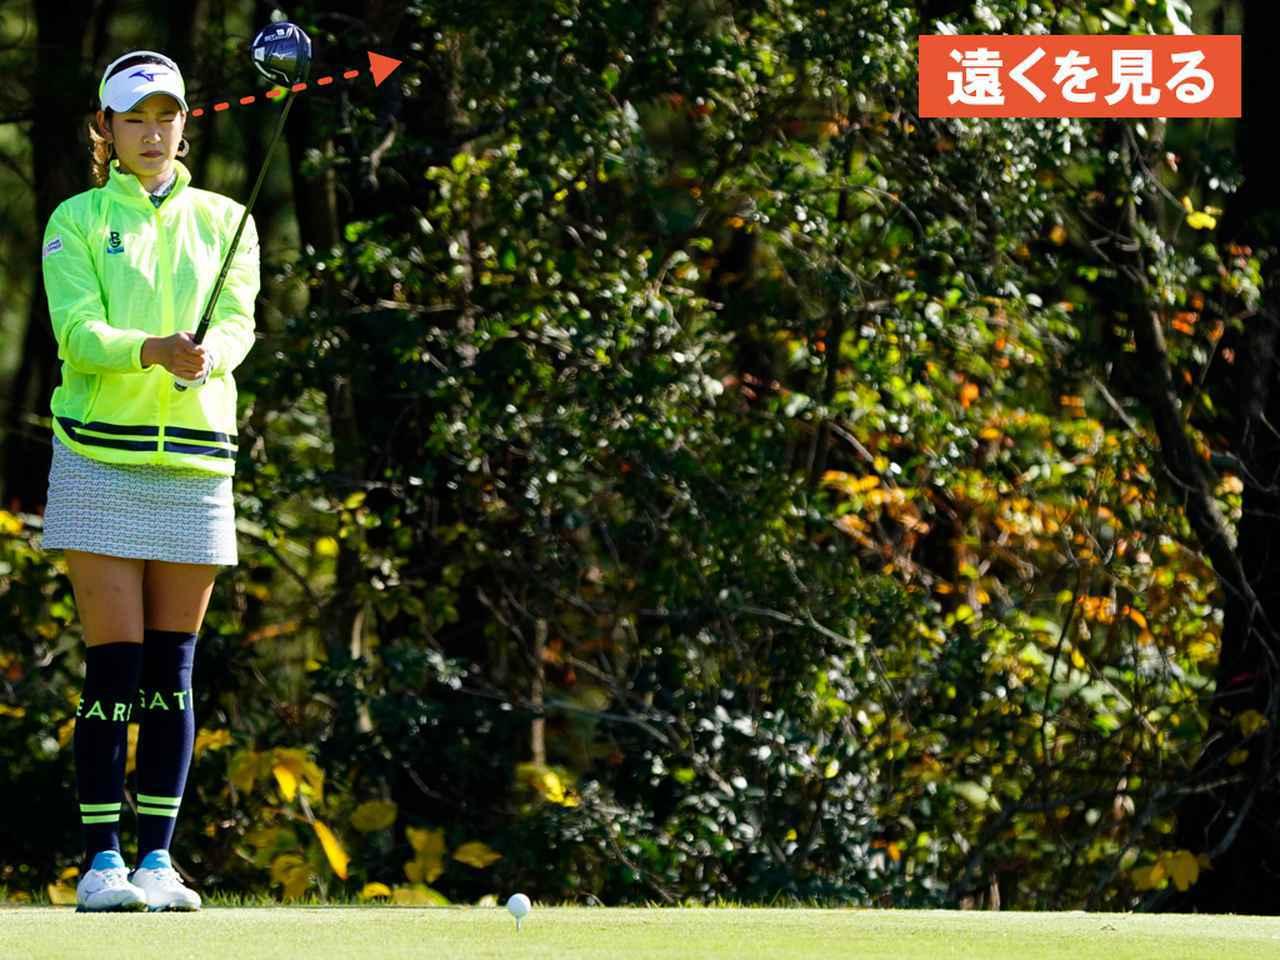 """画像27: 【プレショットルーティン調査】女子プロゴルファー上位32人をチェック! 2タイプに分かれた""""アドレスの入り方"""""""